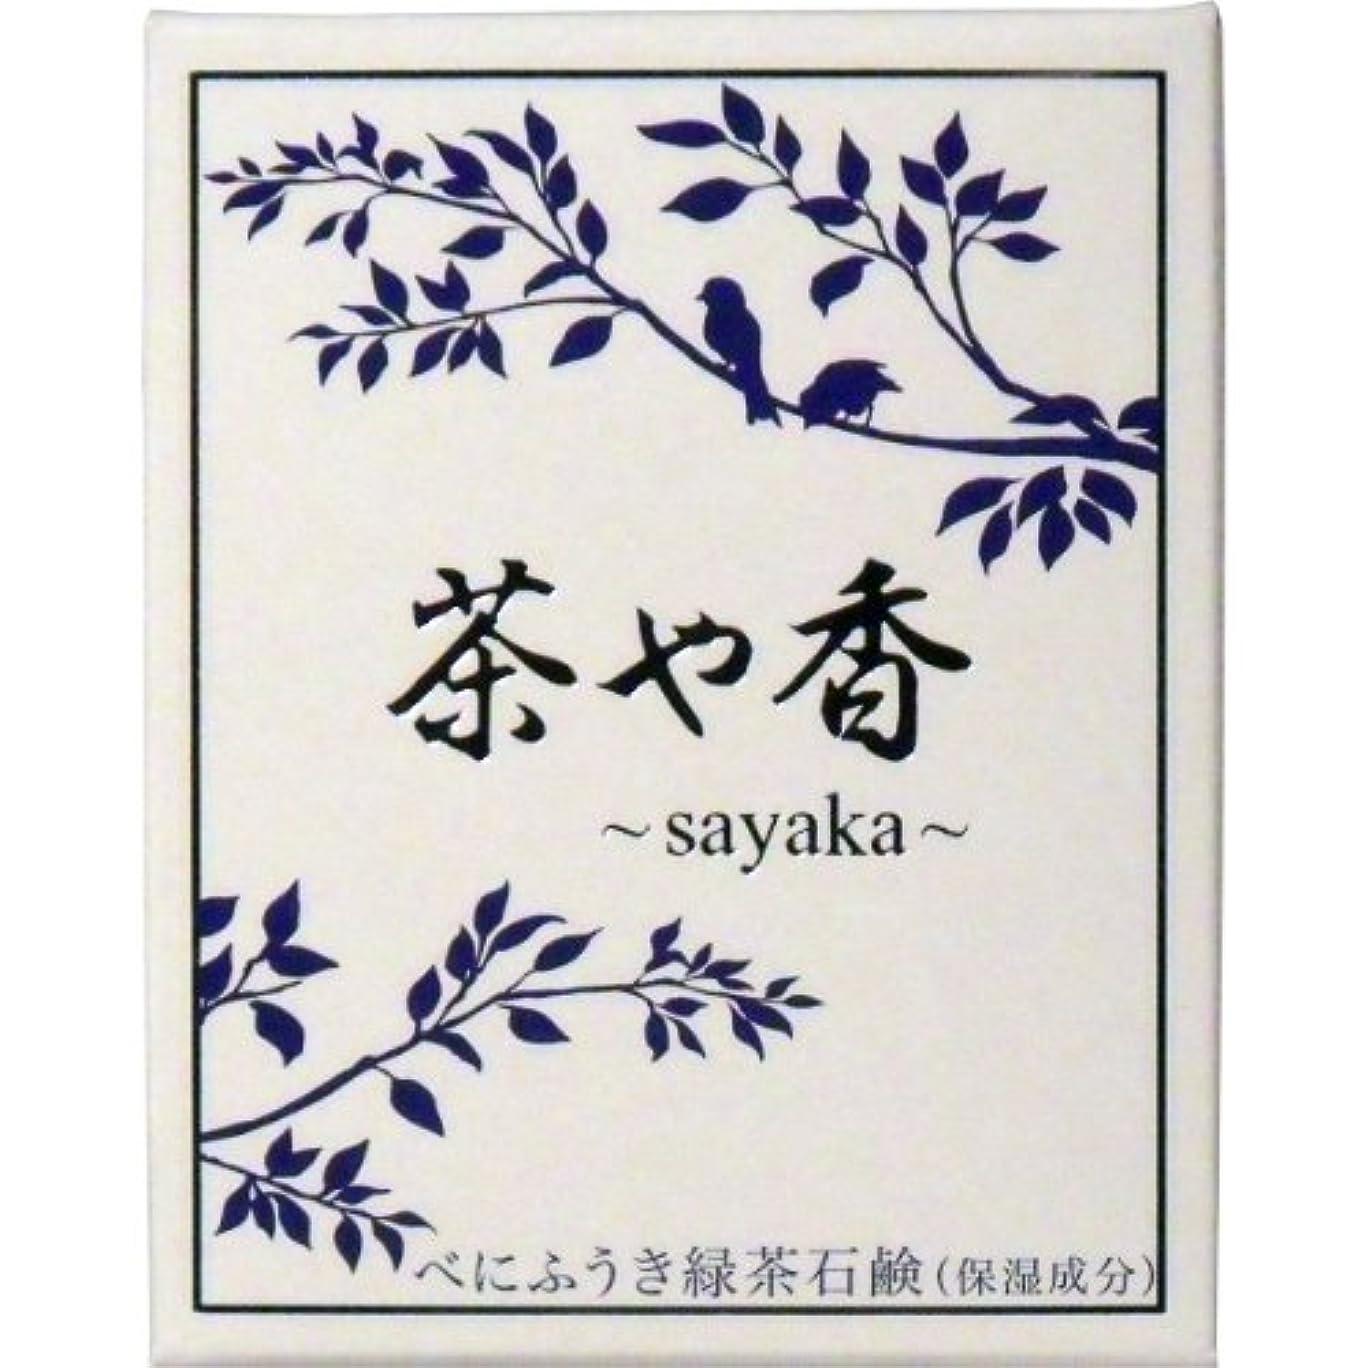 注目すべきサイレン敬の念茶や香 -sayaka- べにふうき緑茶石鹸 100g入 ×5個セット